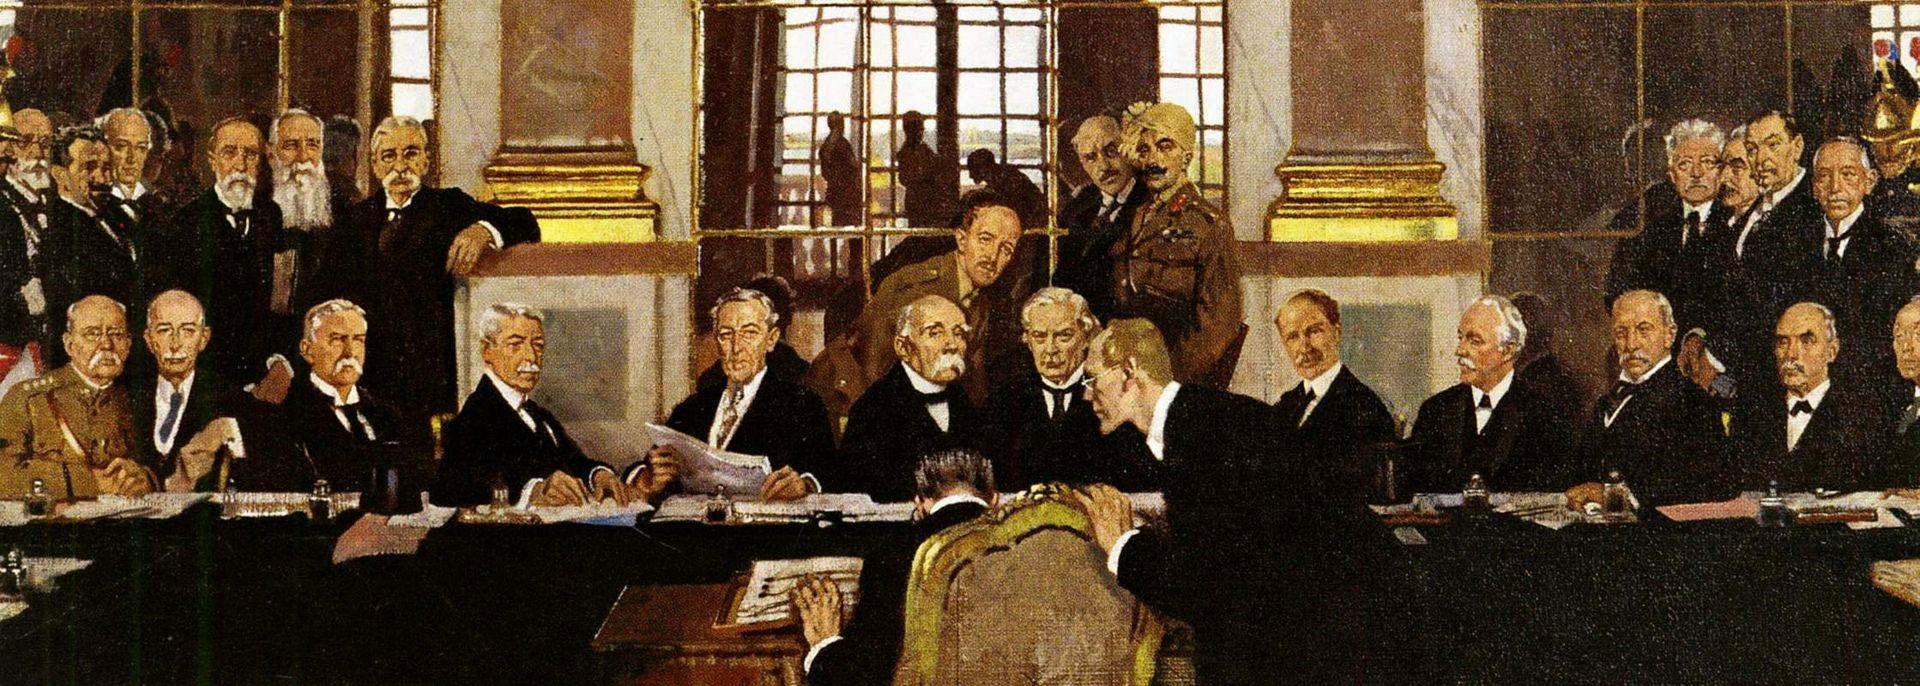 Podpis mirovne pogodbe z Nemčijo. Foto: commons.wikimedia.org